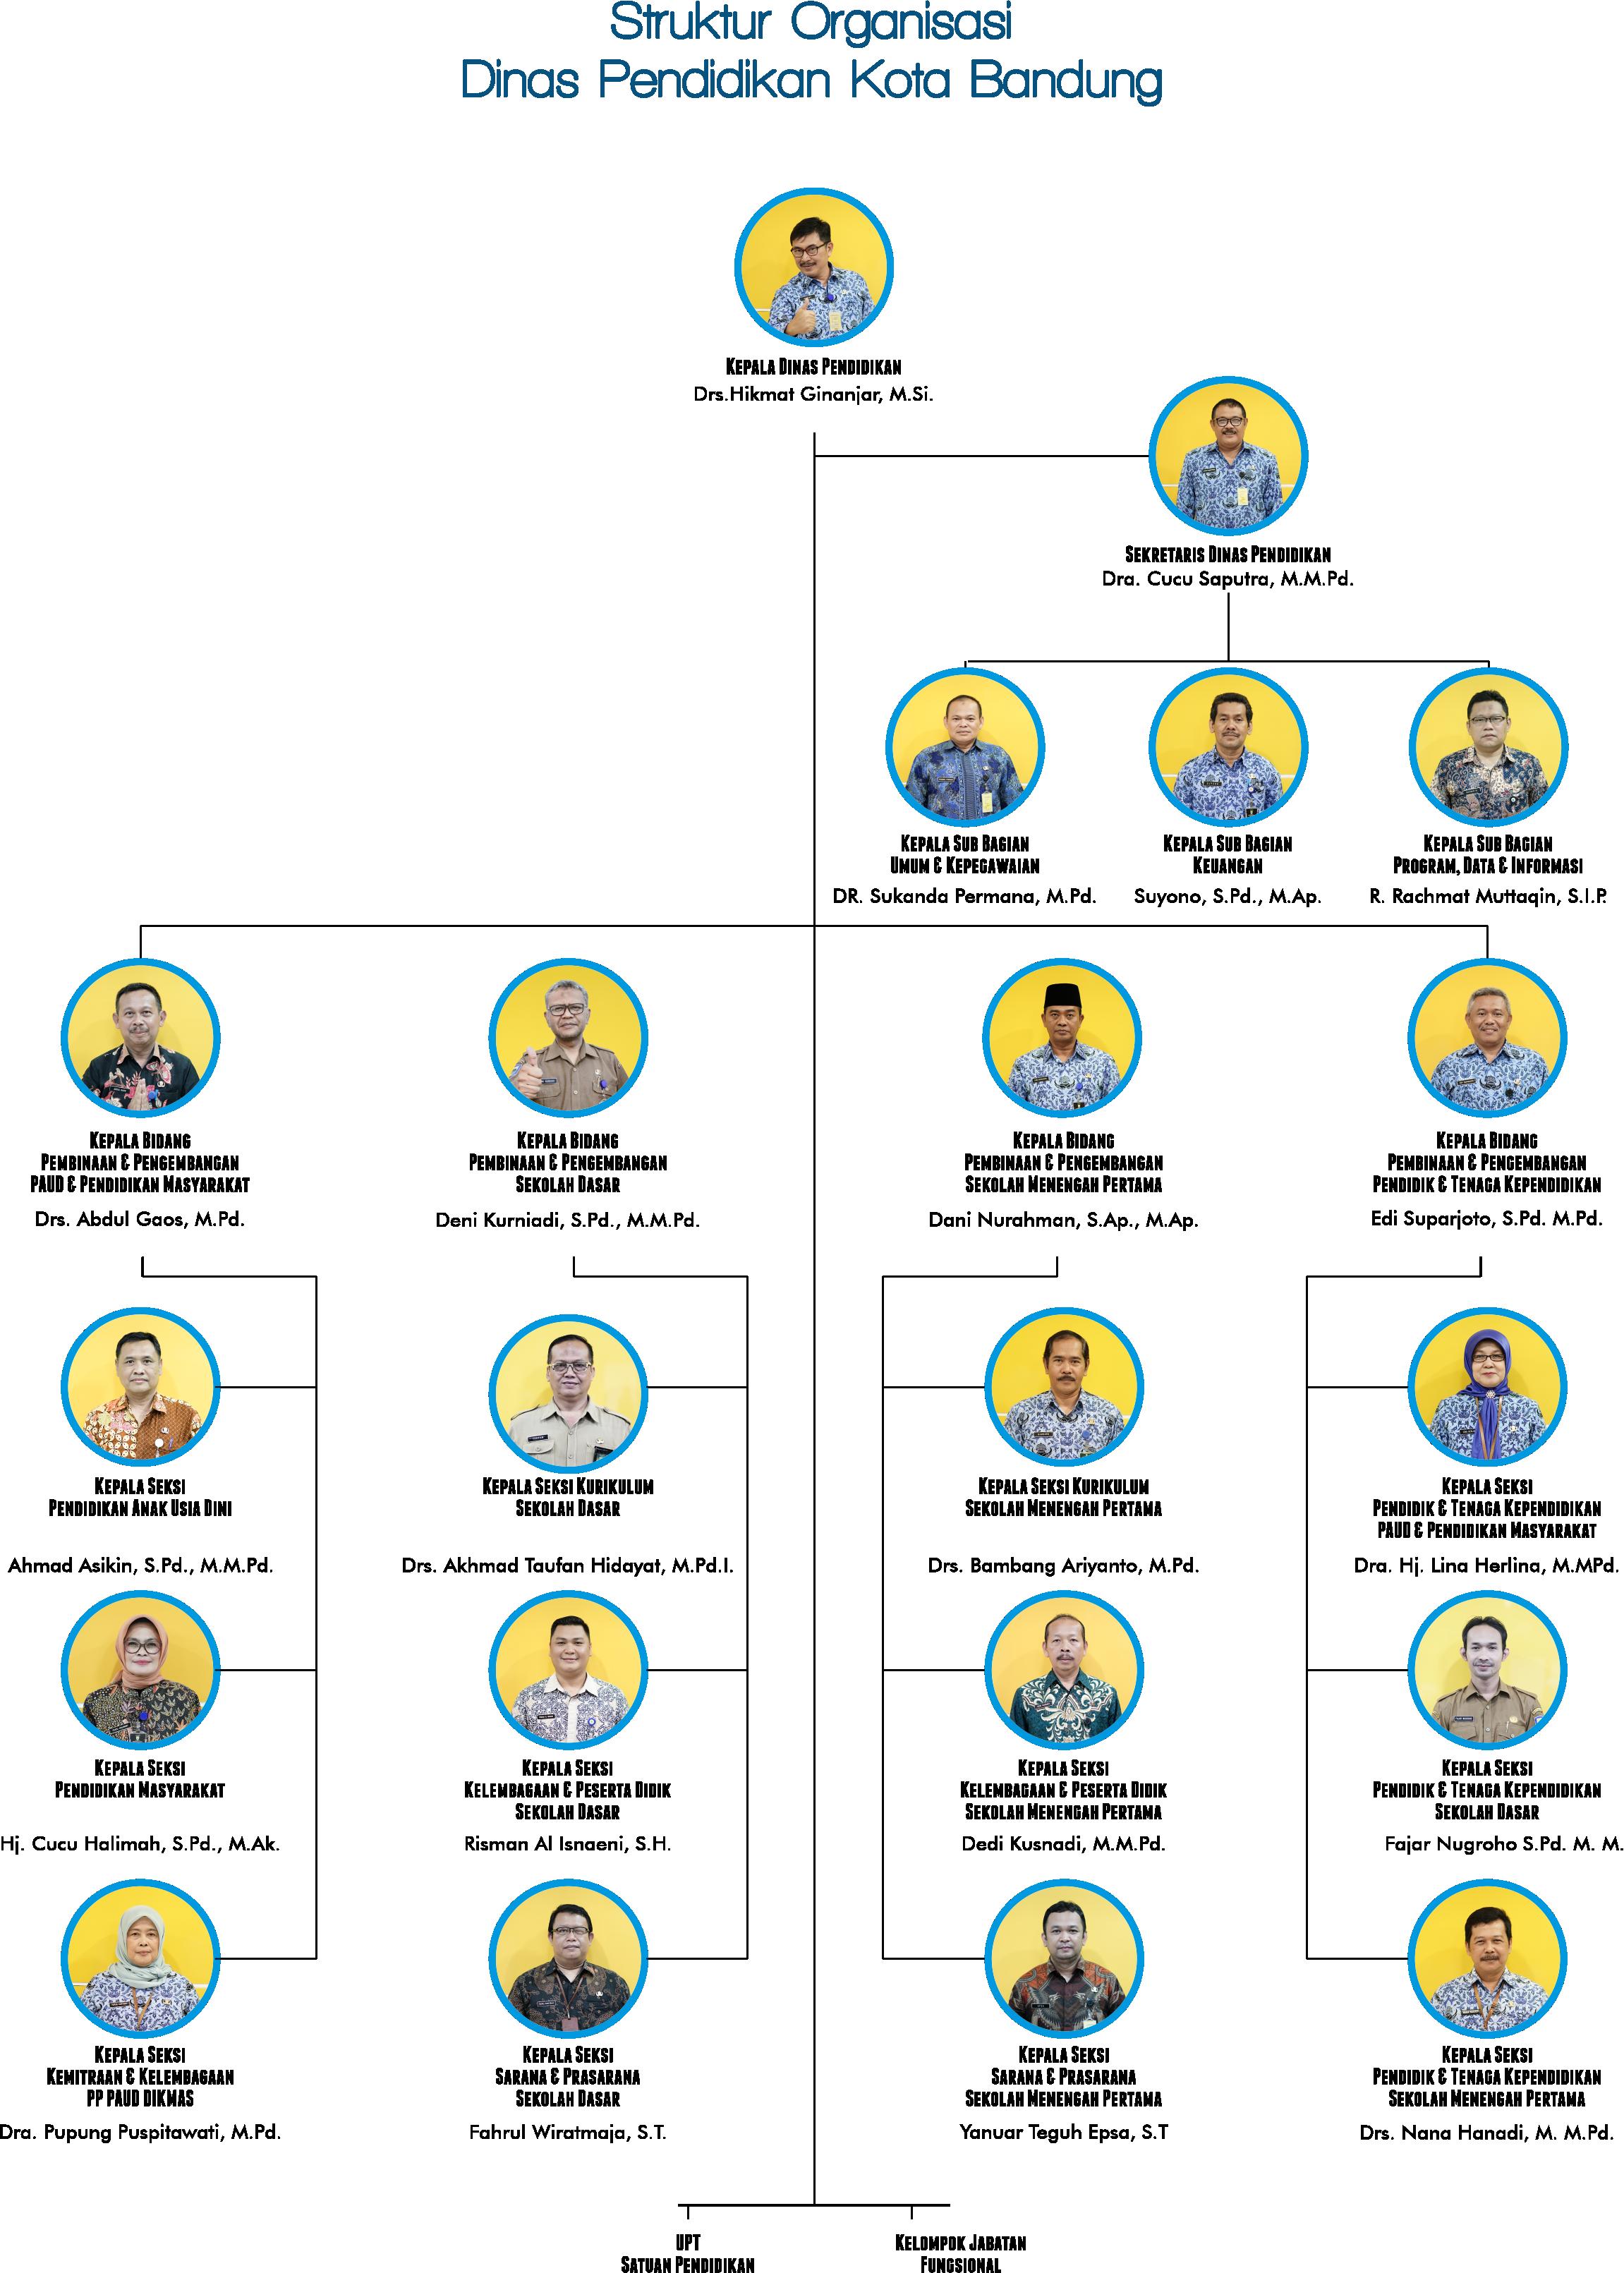 Struktur Organisasi Dinas Pendidikan Kota Bandung